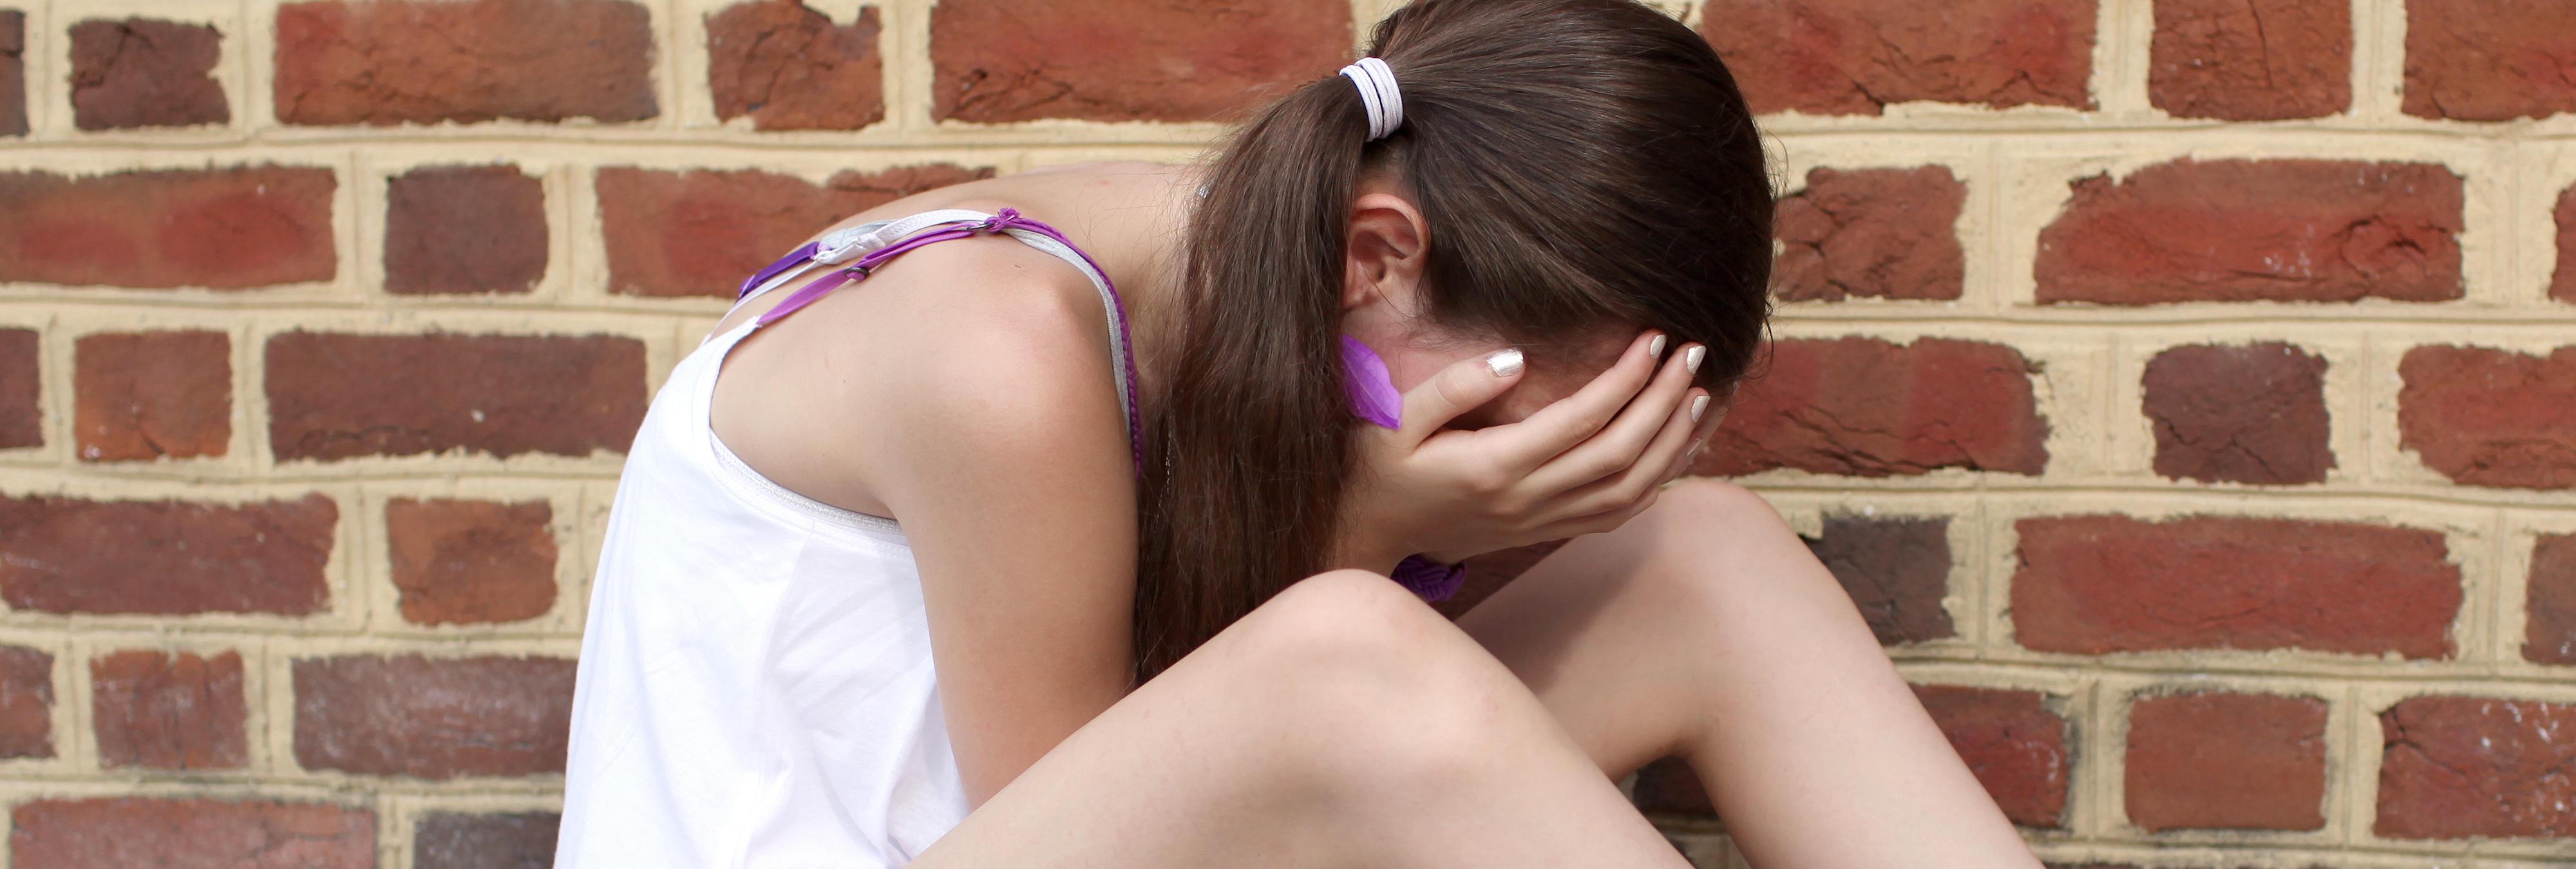 Prostituye a su hija de 13 años para comprar alcohol y tabaco y el juez la deja en libertad